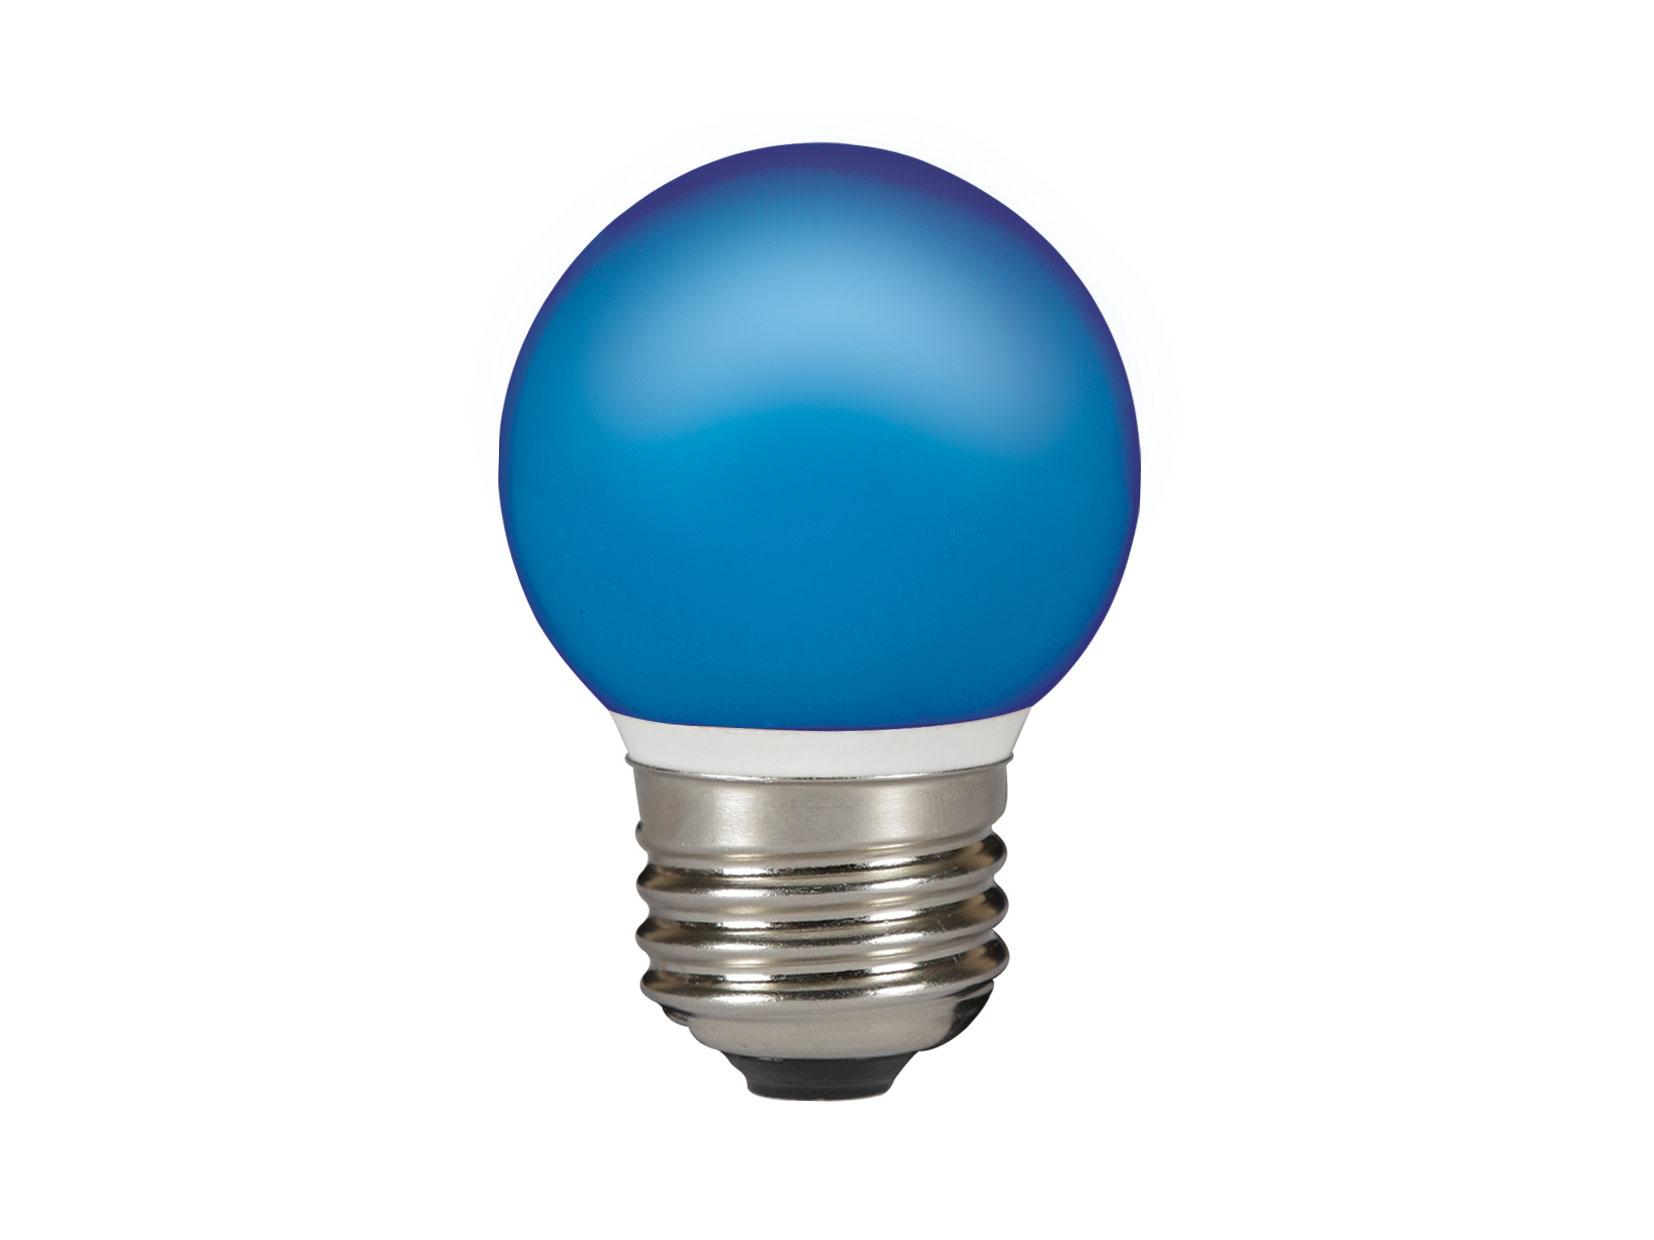 Sylvania toledo outdoor tropfen e27 05w blau ip44 sl led lampe sylvania toledo outdoor tropfen e27 05w blau ip44 sl led lampe 1 parisarafo Images